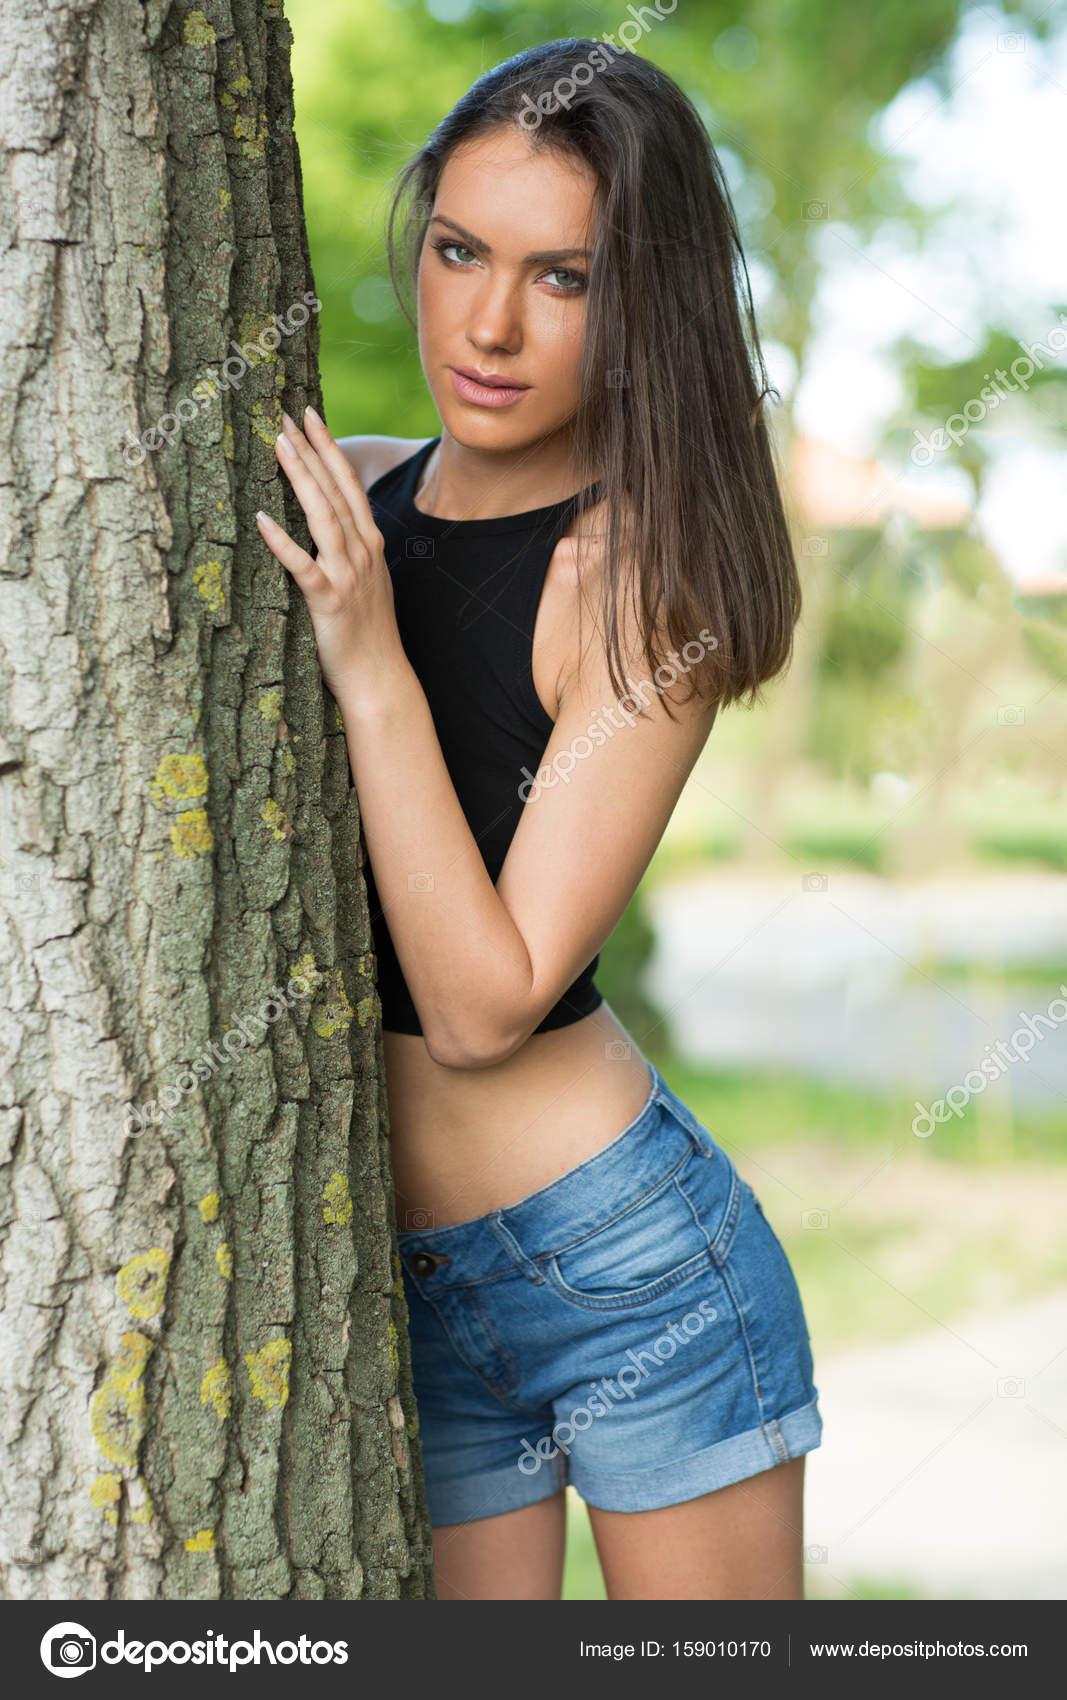 e2111c5ae36c Schöne Frau trägt Jeans-Shorts und Top im freien — Stockfoto ...